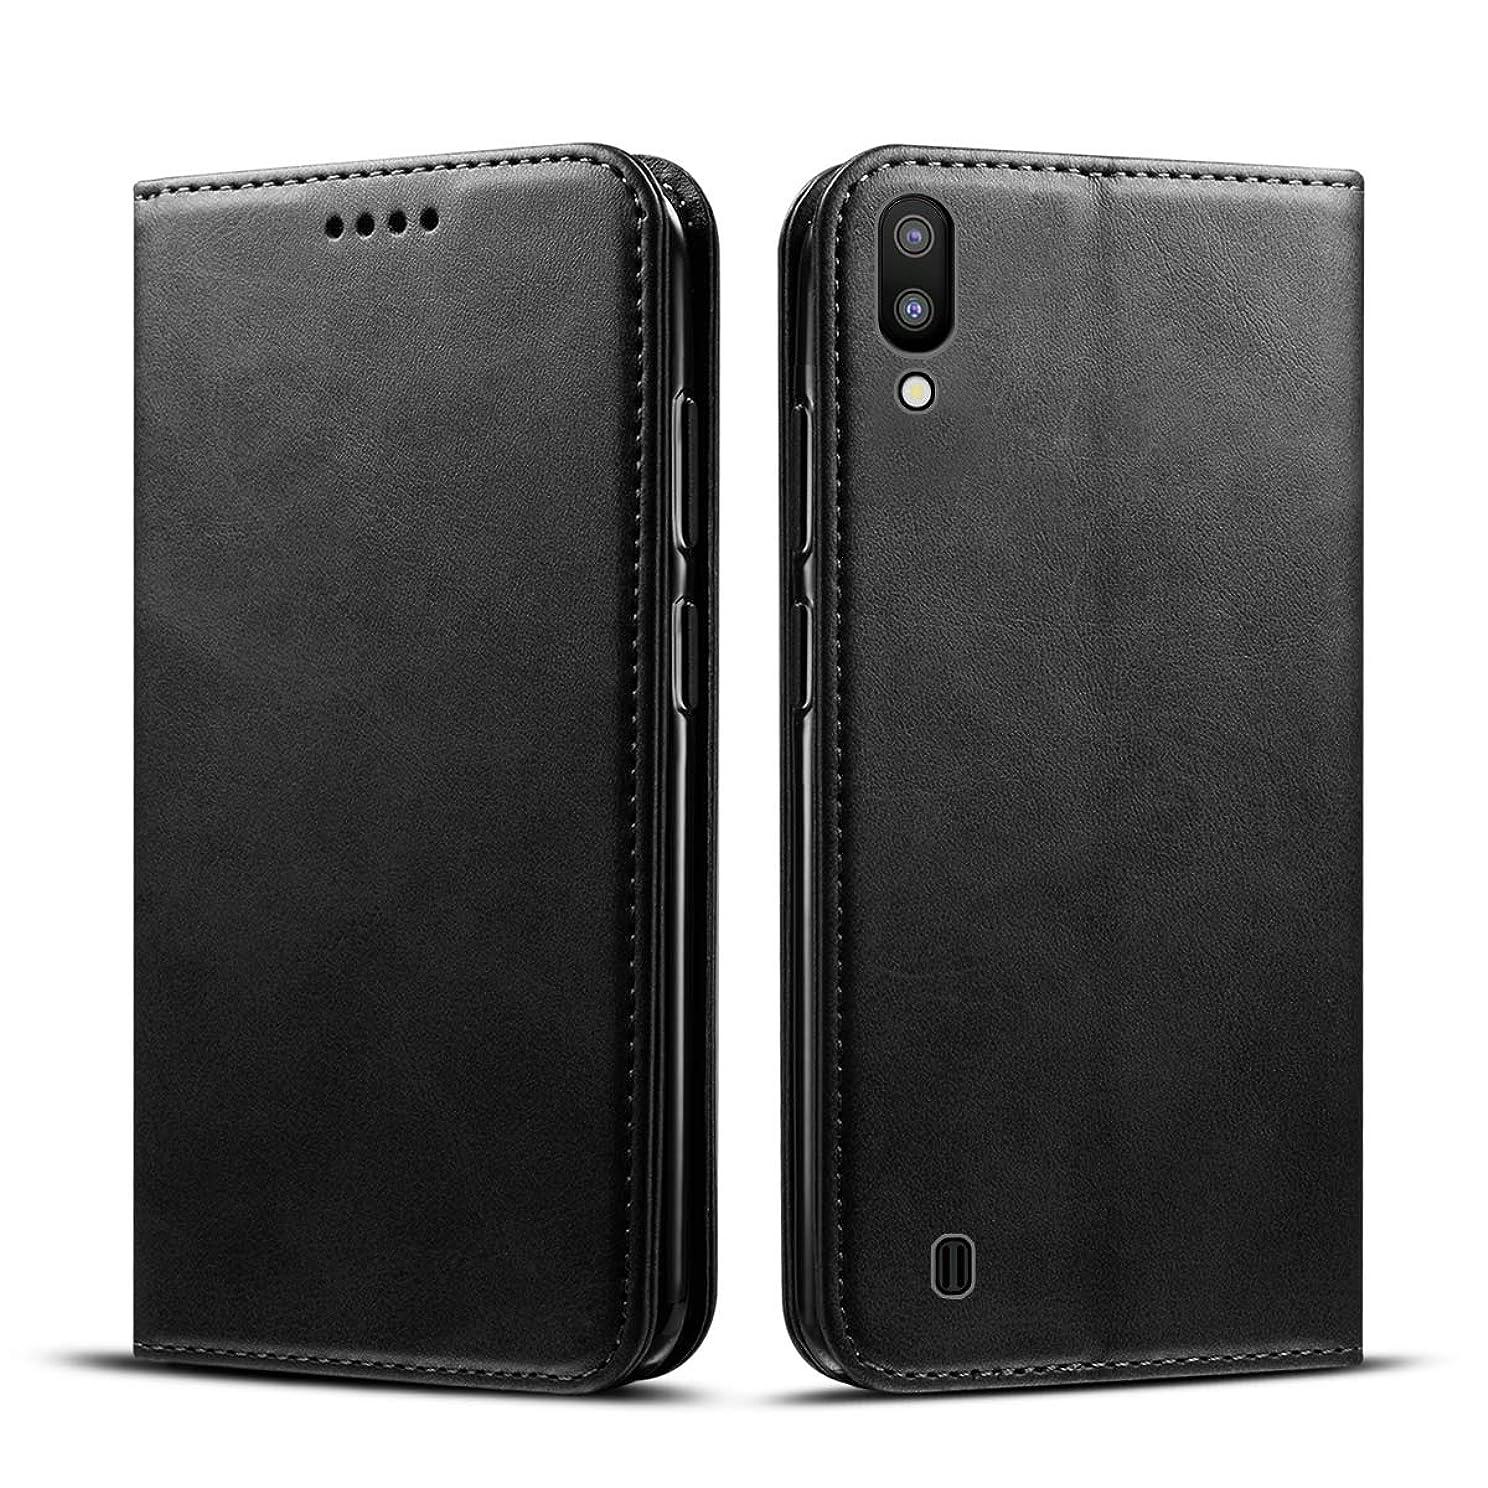 アクティブマージパブSamsung Galaxy M10 カバー 専用カバー MeetJP 保護 皮膚 二重層 緩衝器 ケース 耐衝撃性 インパック 弁護者 保護 シェル カバー の Samsung Galaxy M10